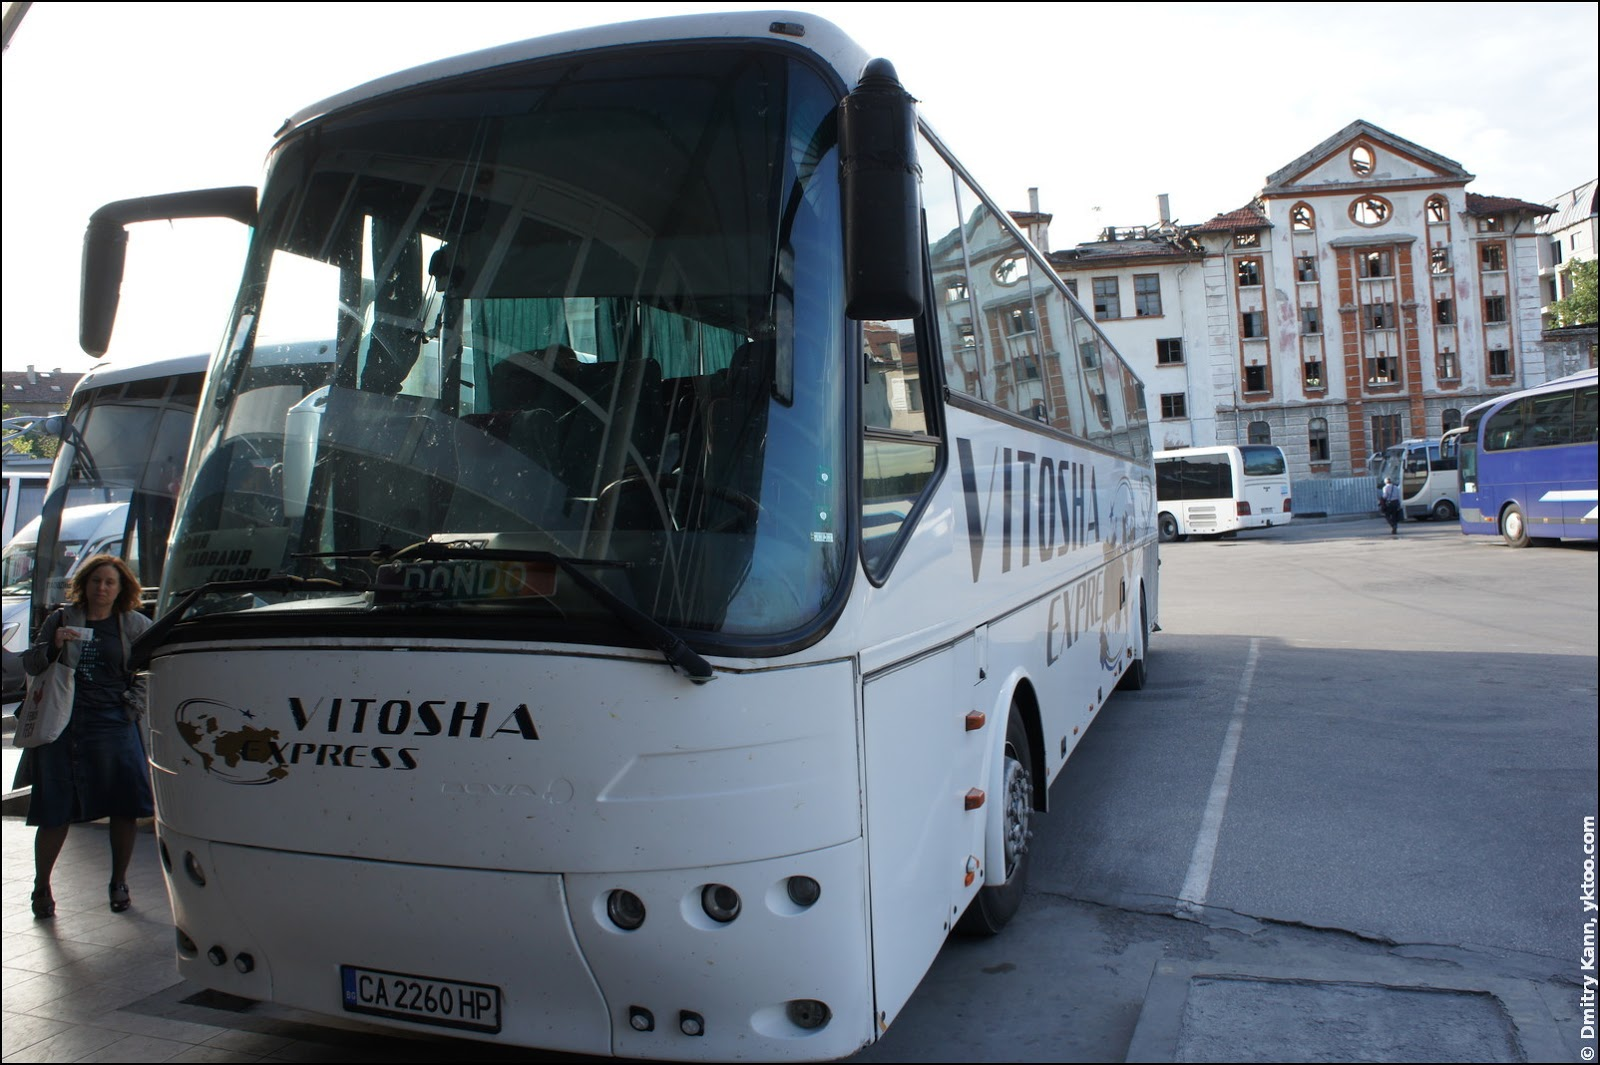 В Болгарии разбился туристический автобус, погибли 15 человек